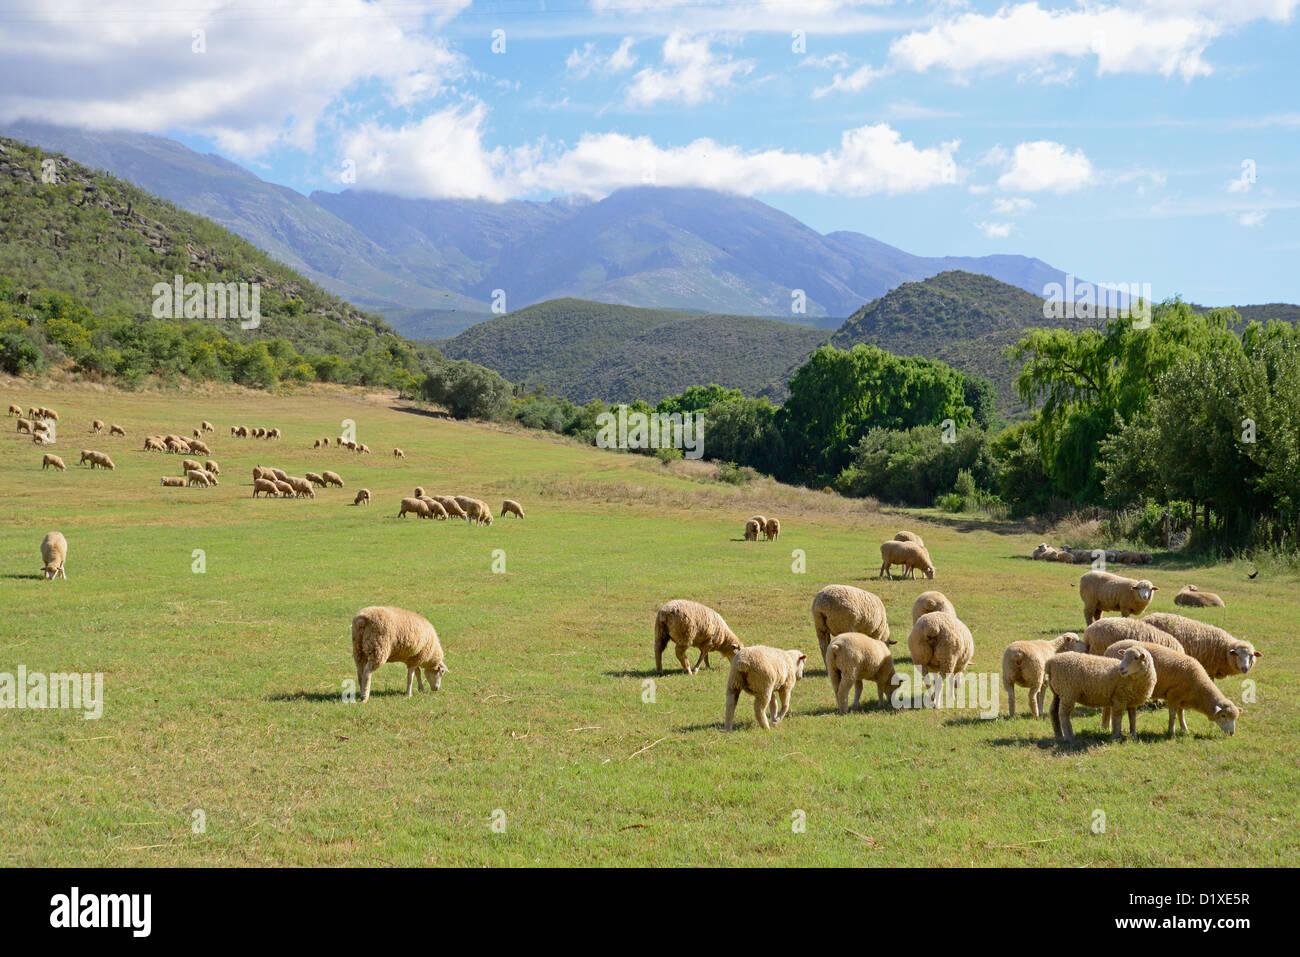 Merino sheep grazing in field below Swartberg mountains, Klein Karoo, South Africa - Stock Image